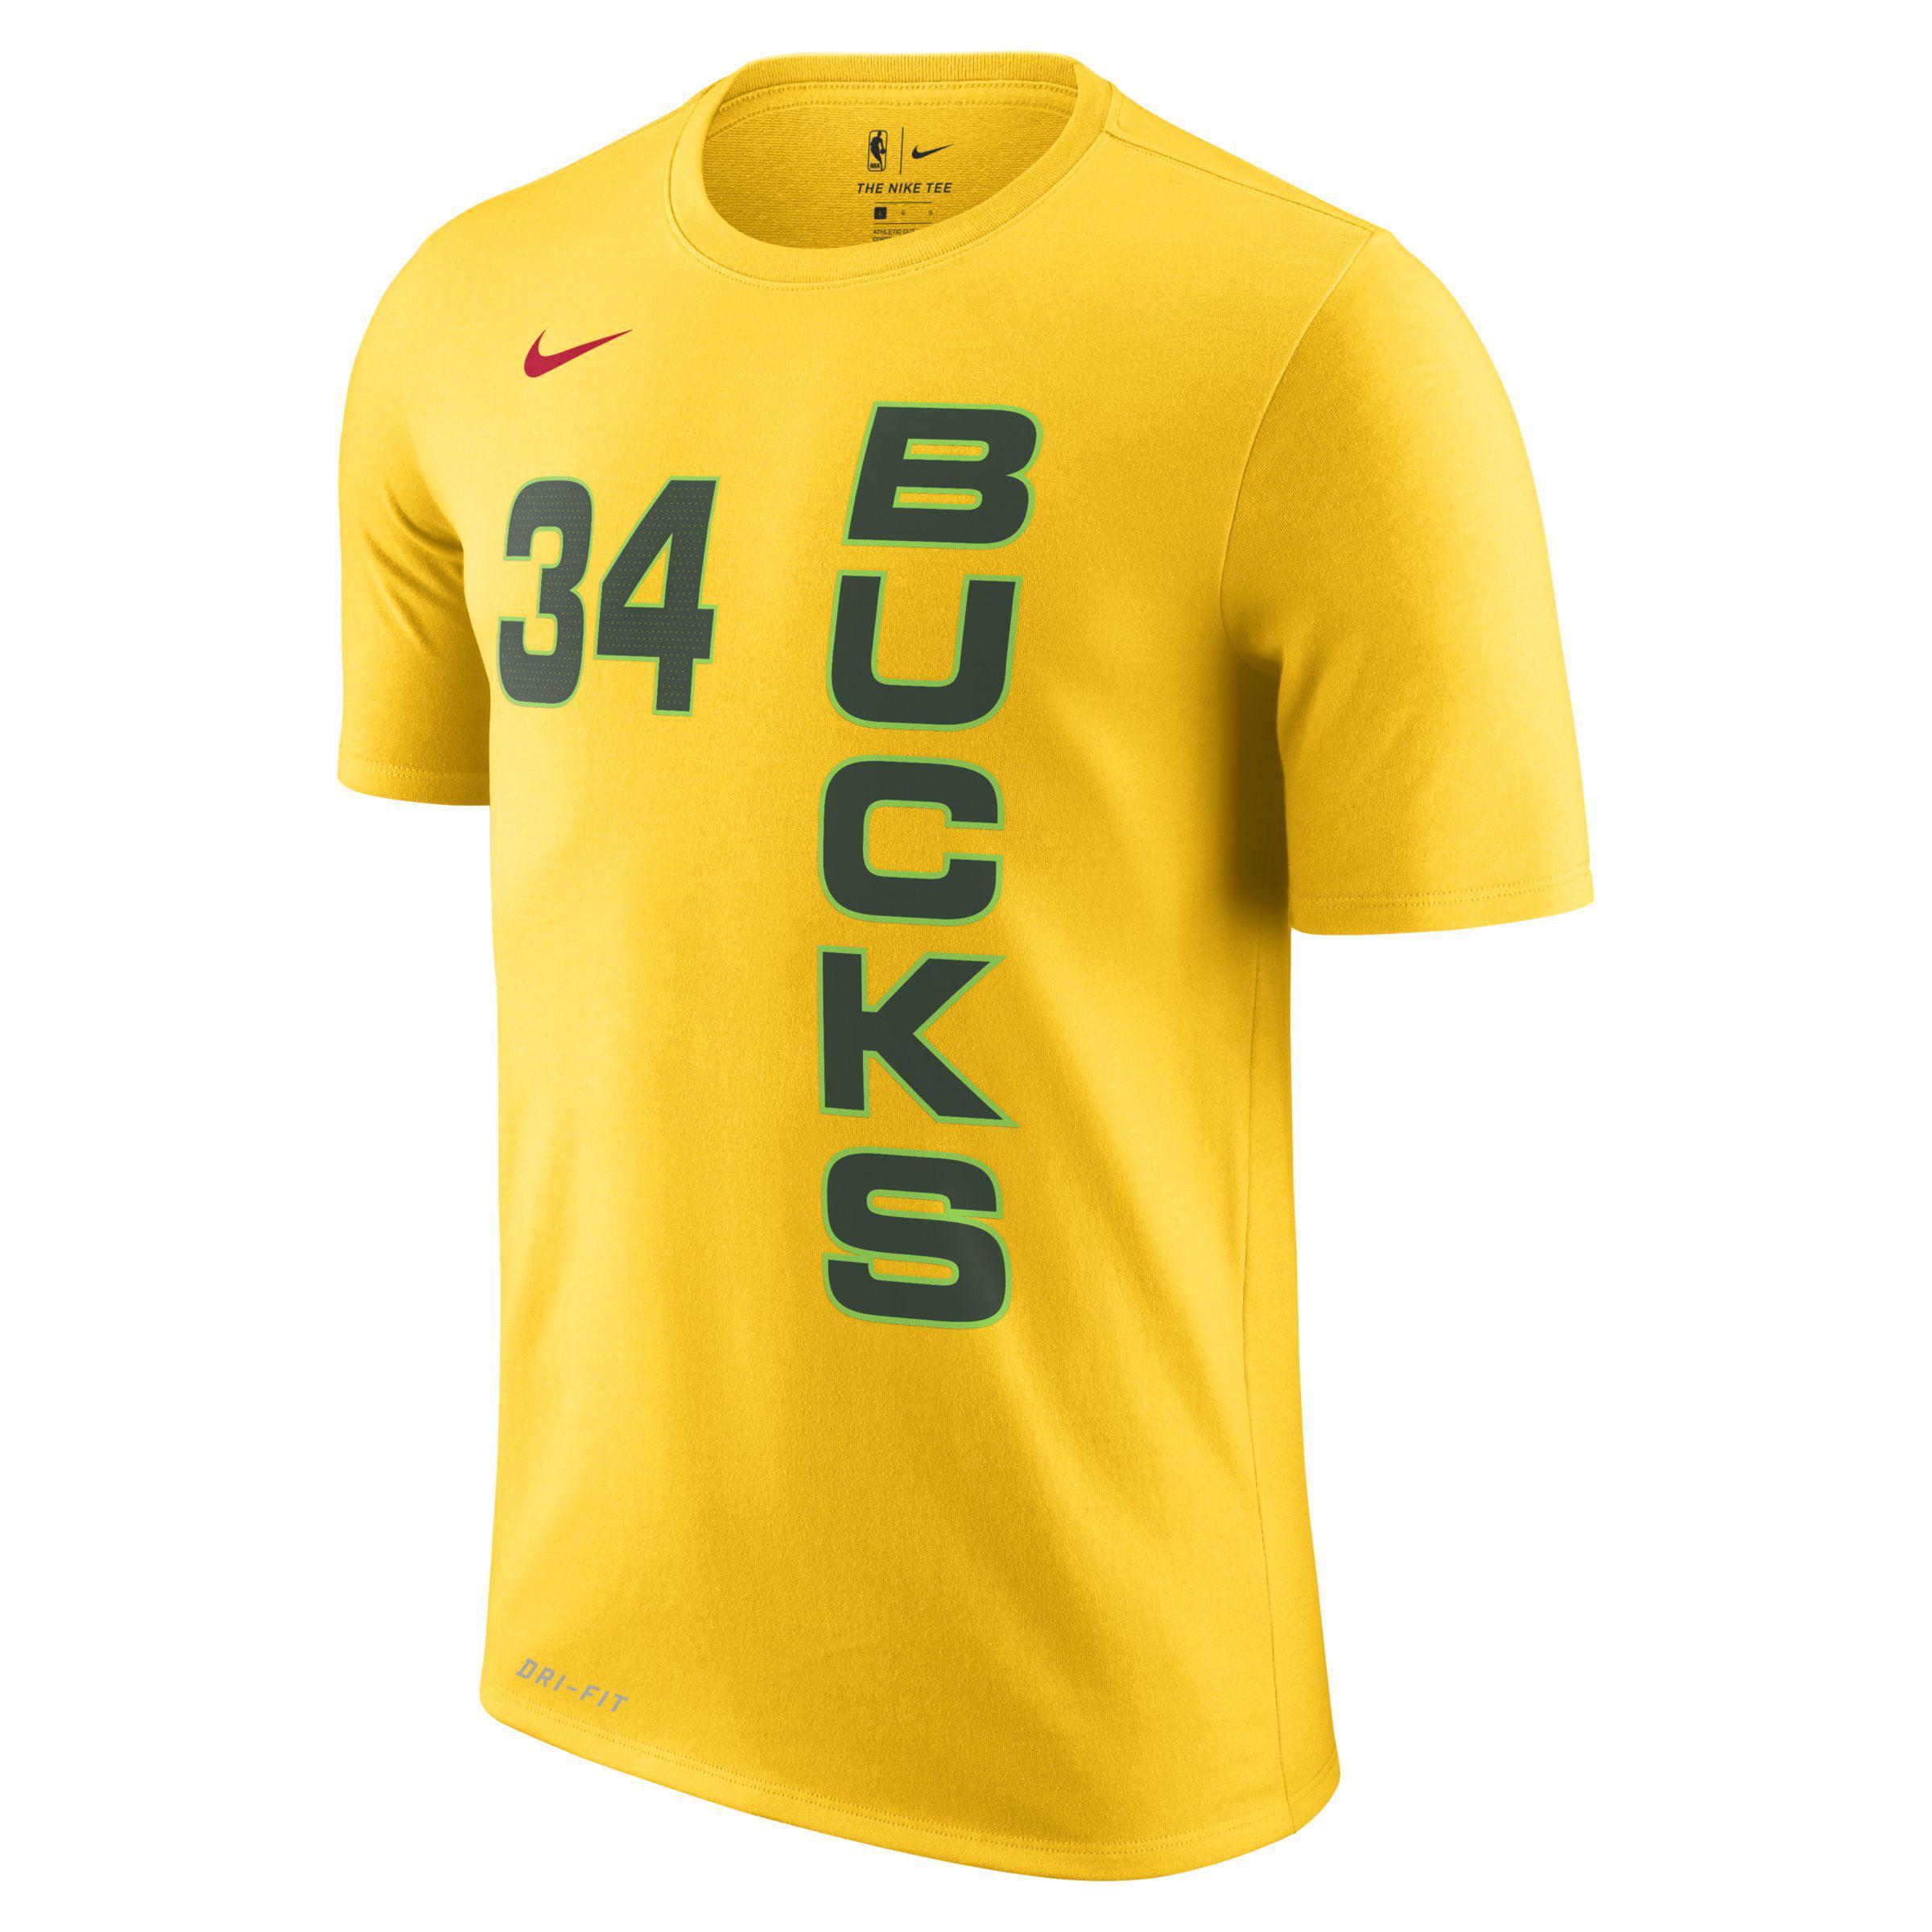 06dcdd6eac6 Nike Giannis Antetokounmpo Milwaukee Bucks City Edition Dri-fit Nba ...